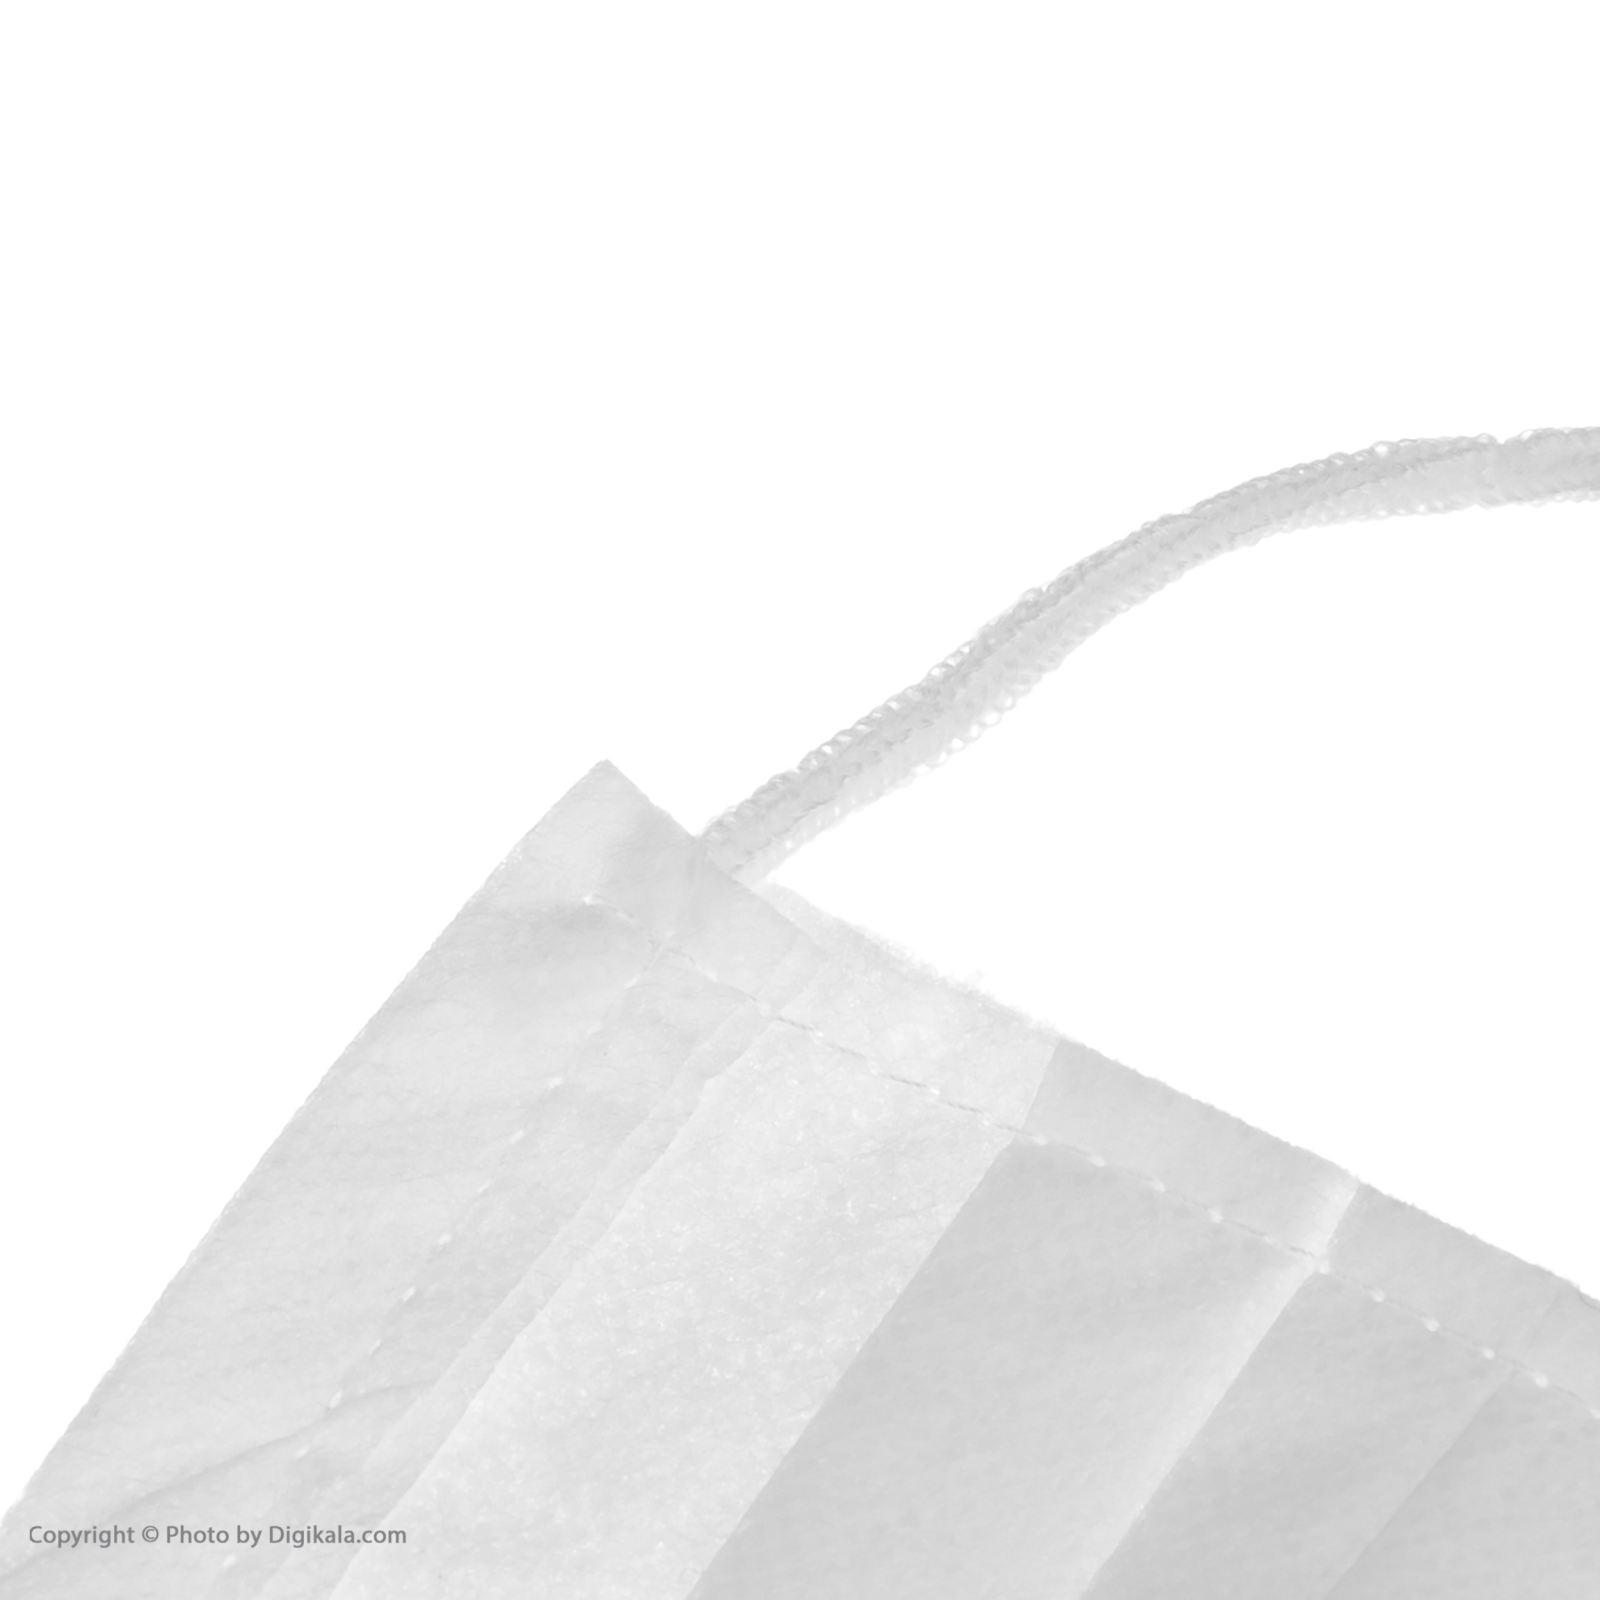 ماسک تنفسی مدل SBLN بسته 100 عددی